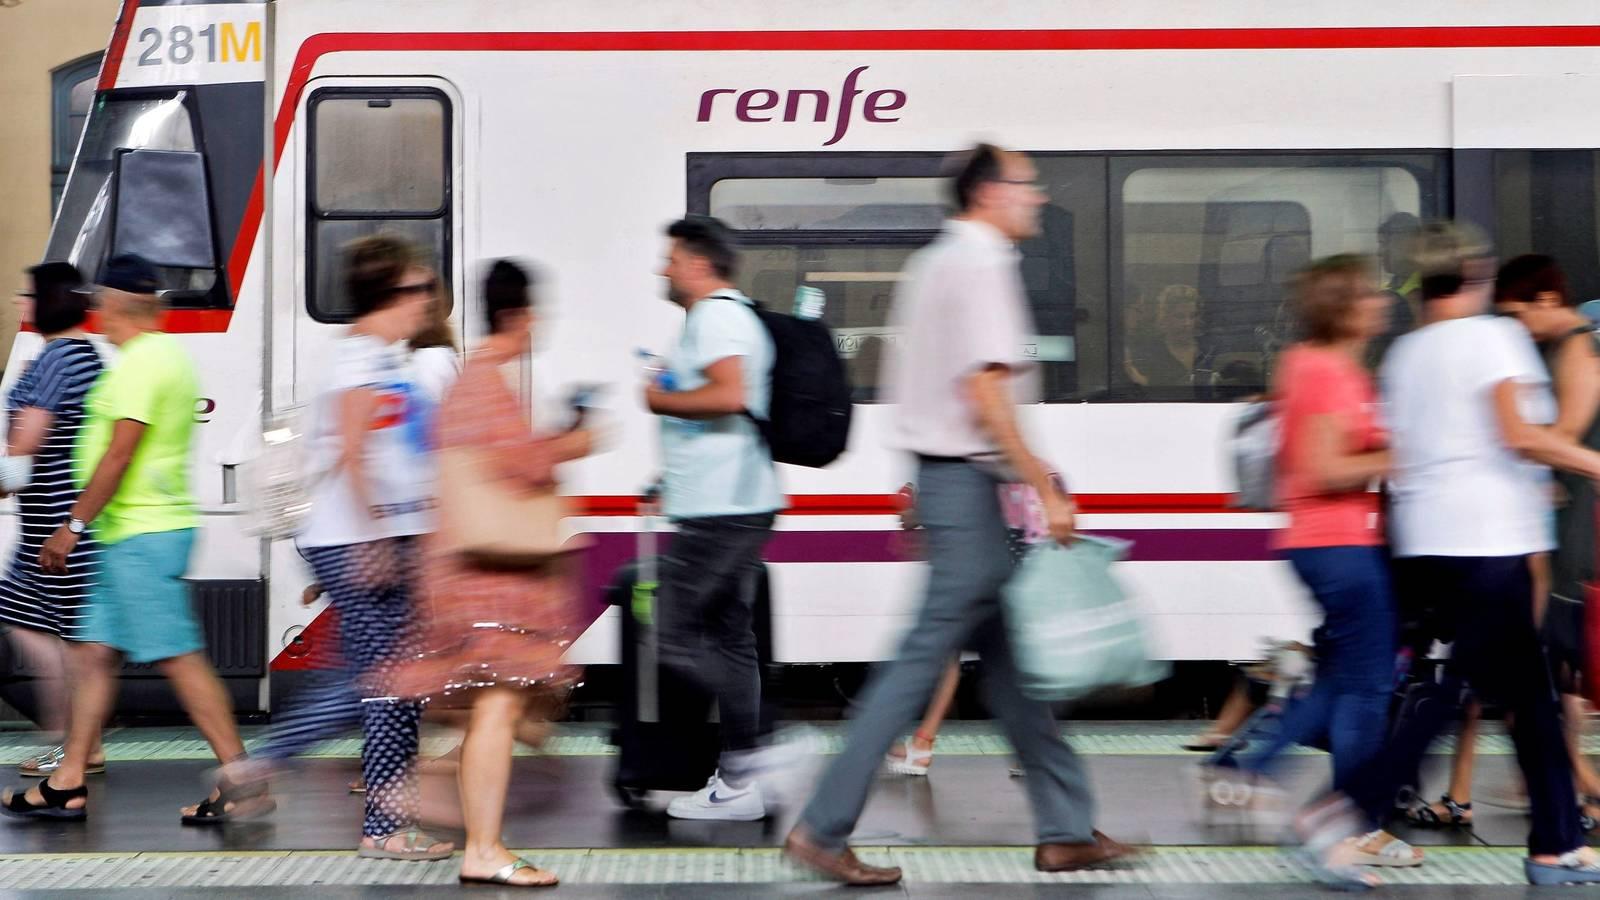 huelga de renfe del 31 de julio comprueba si tu tren esta cancelado en este buscador